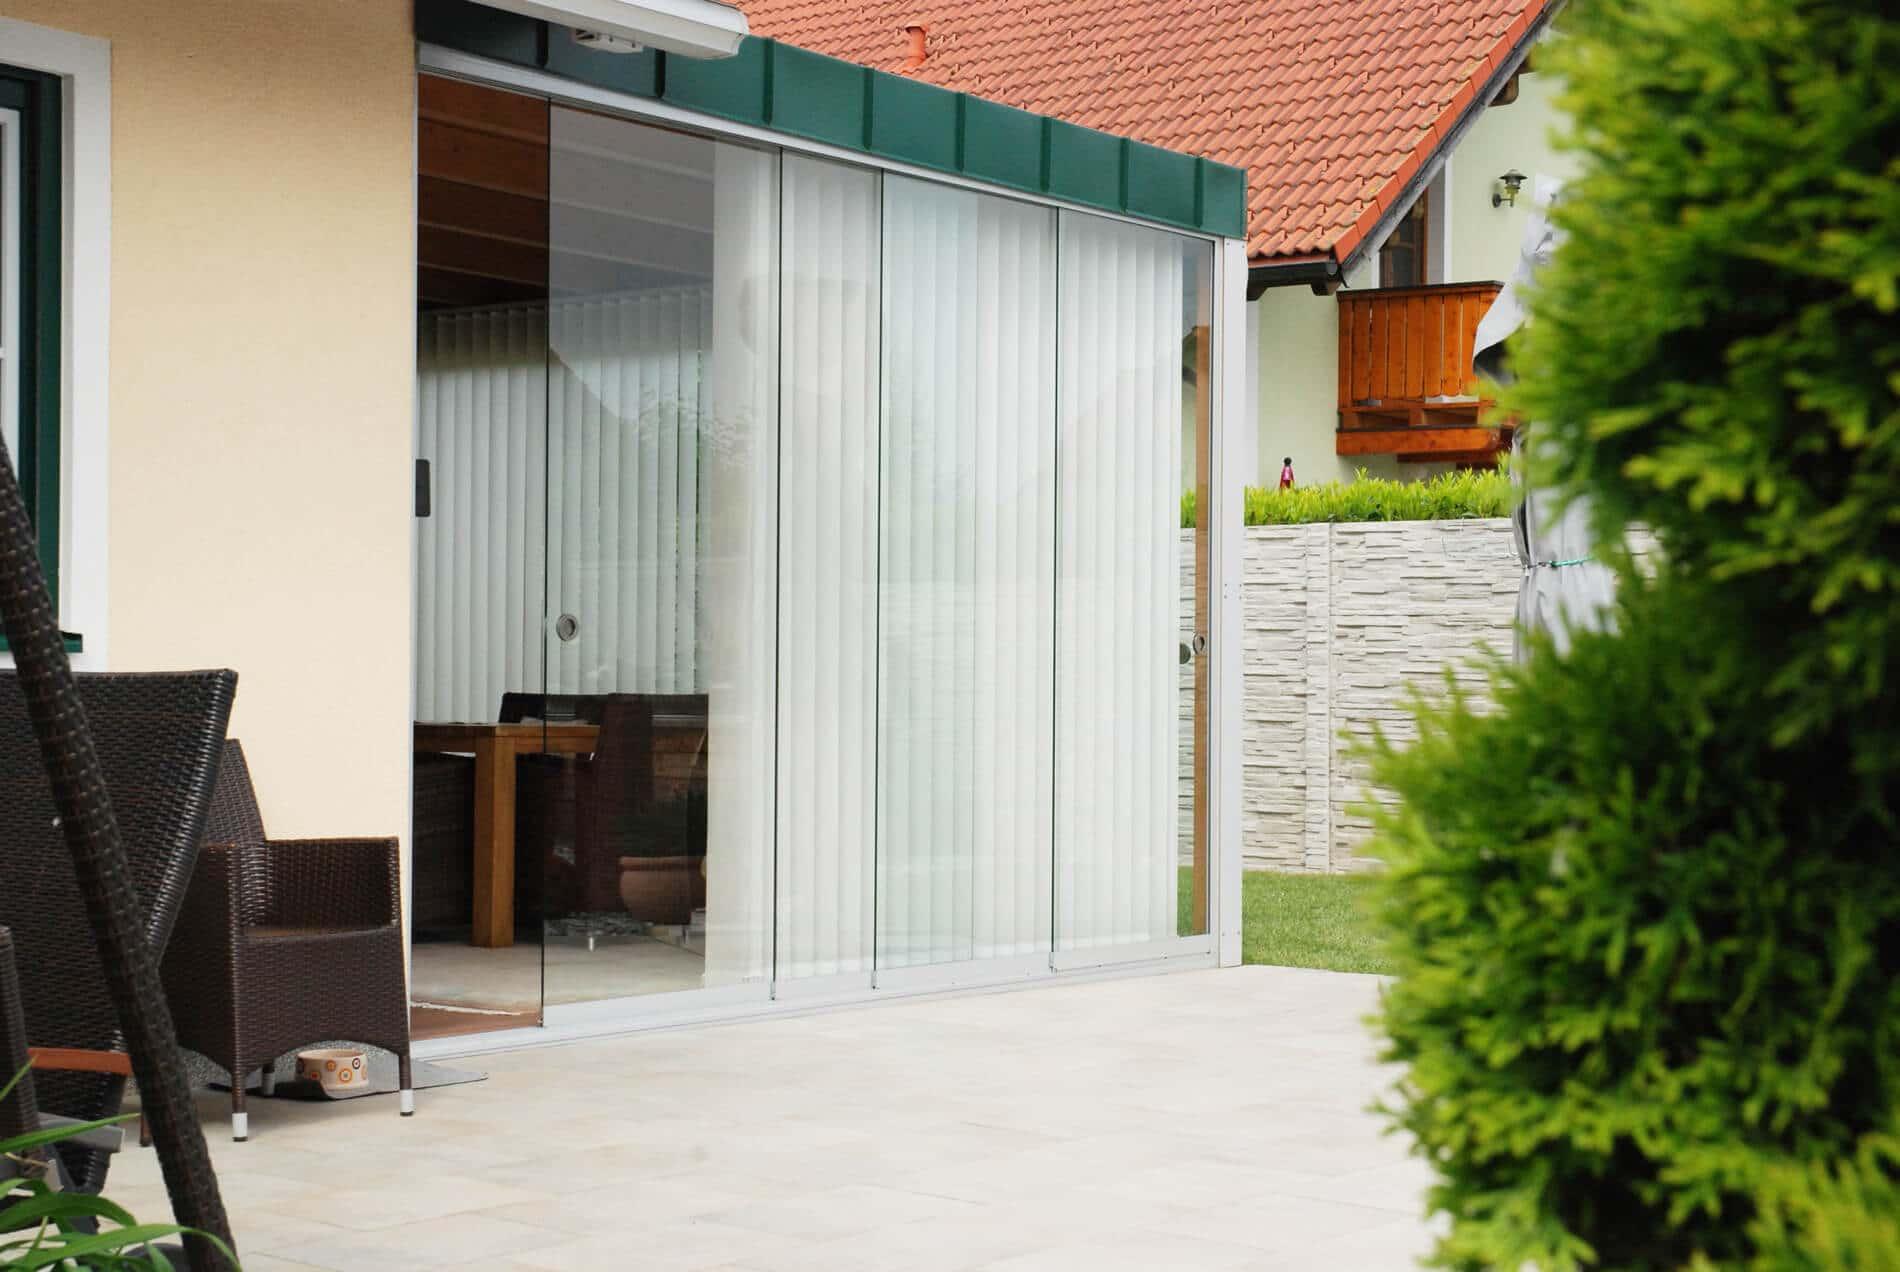 Holz-Alu-Wintergarten mit Glas-Schiebesystem